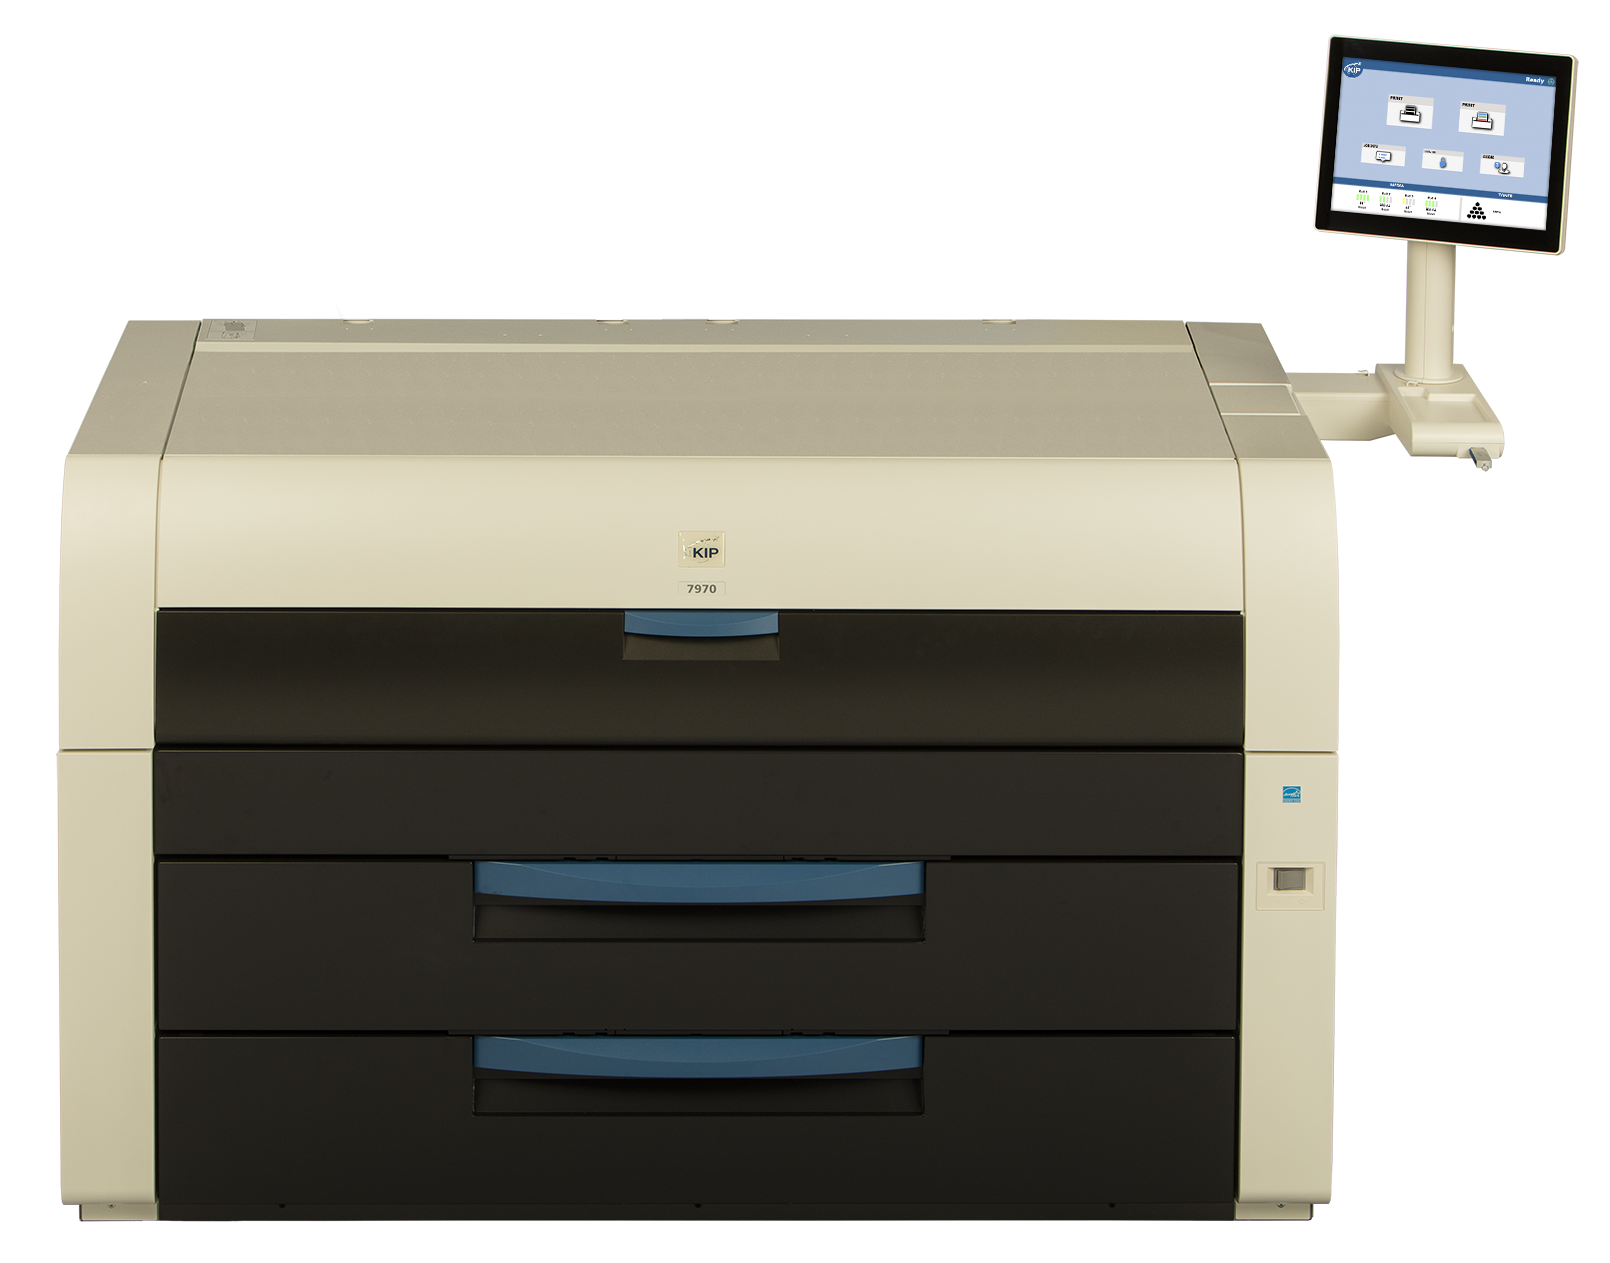 KIP 7970 printer